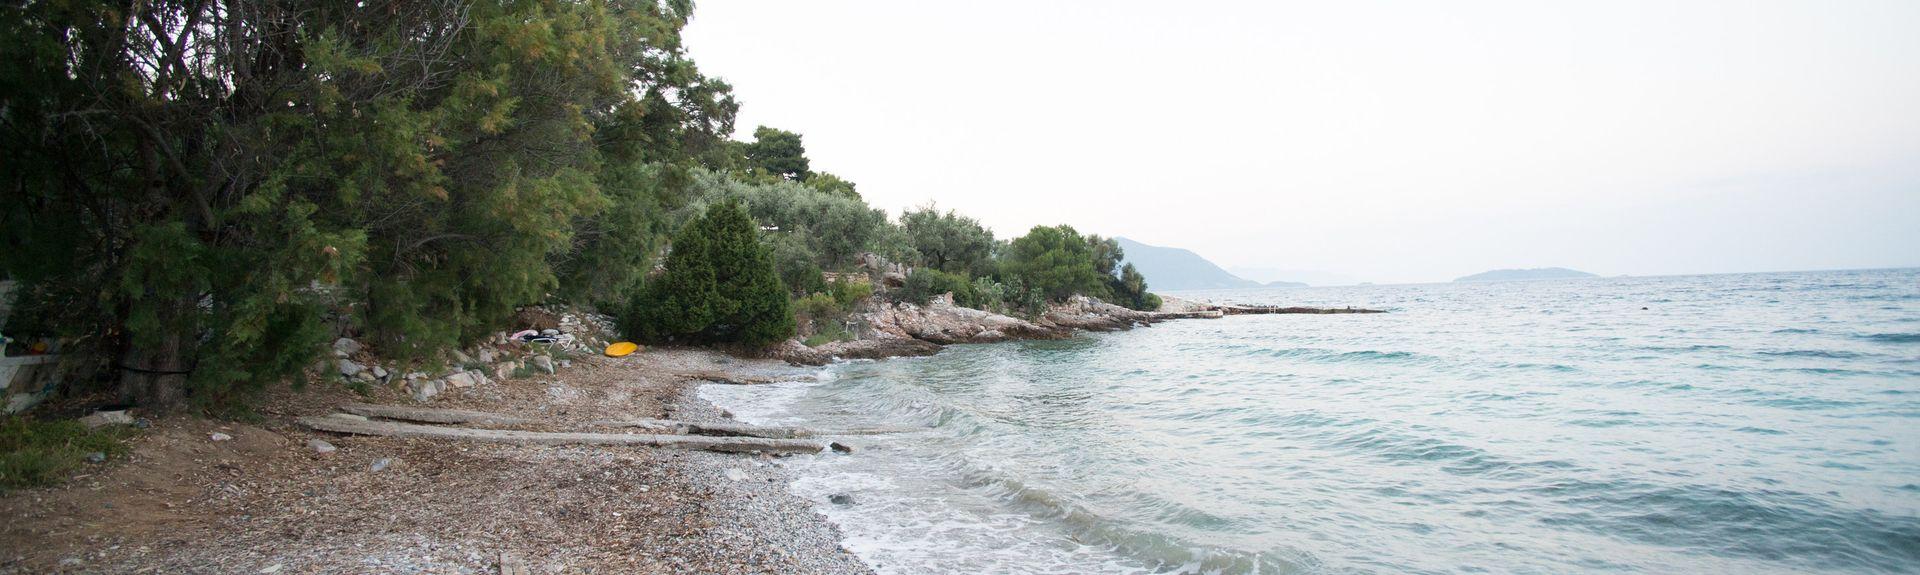 Central Greece, Greece